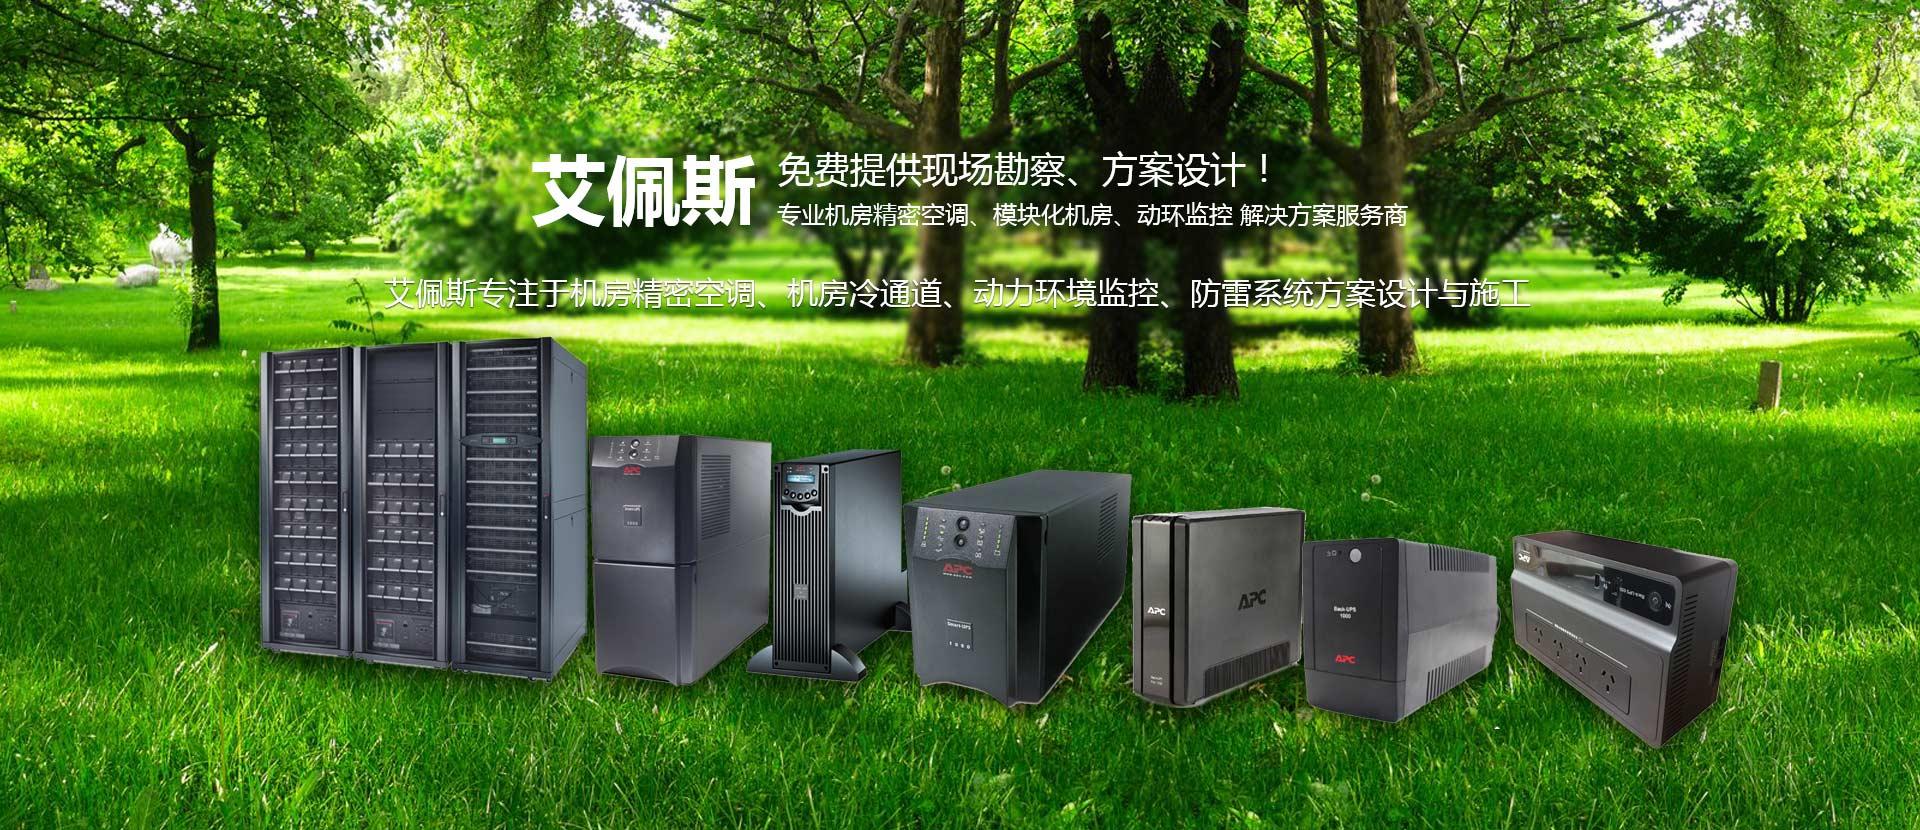 郑州UPS蓄电池